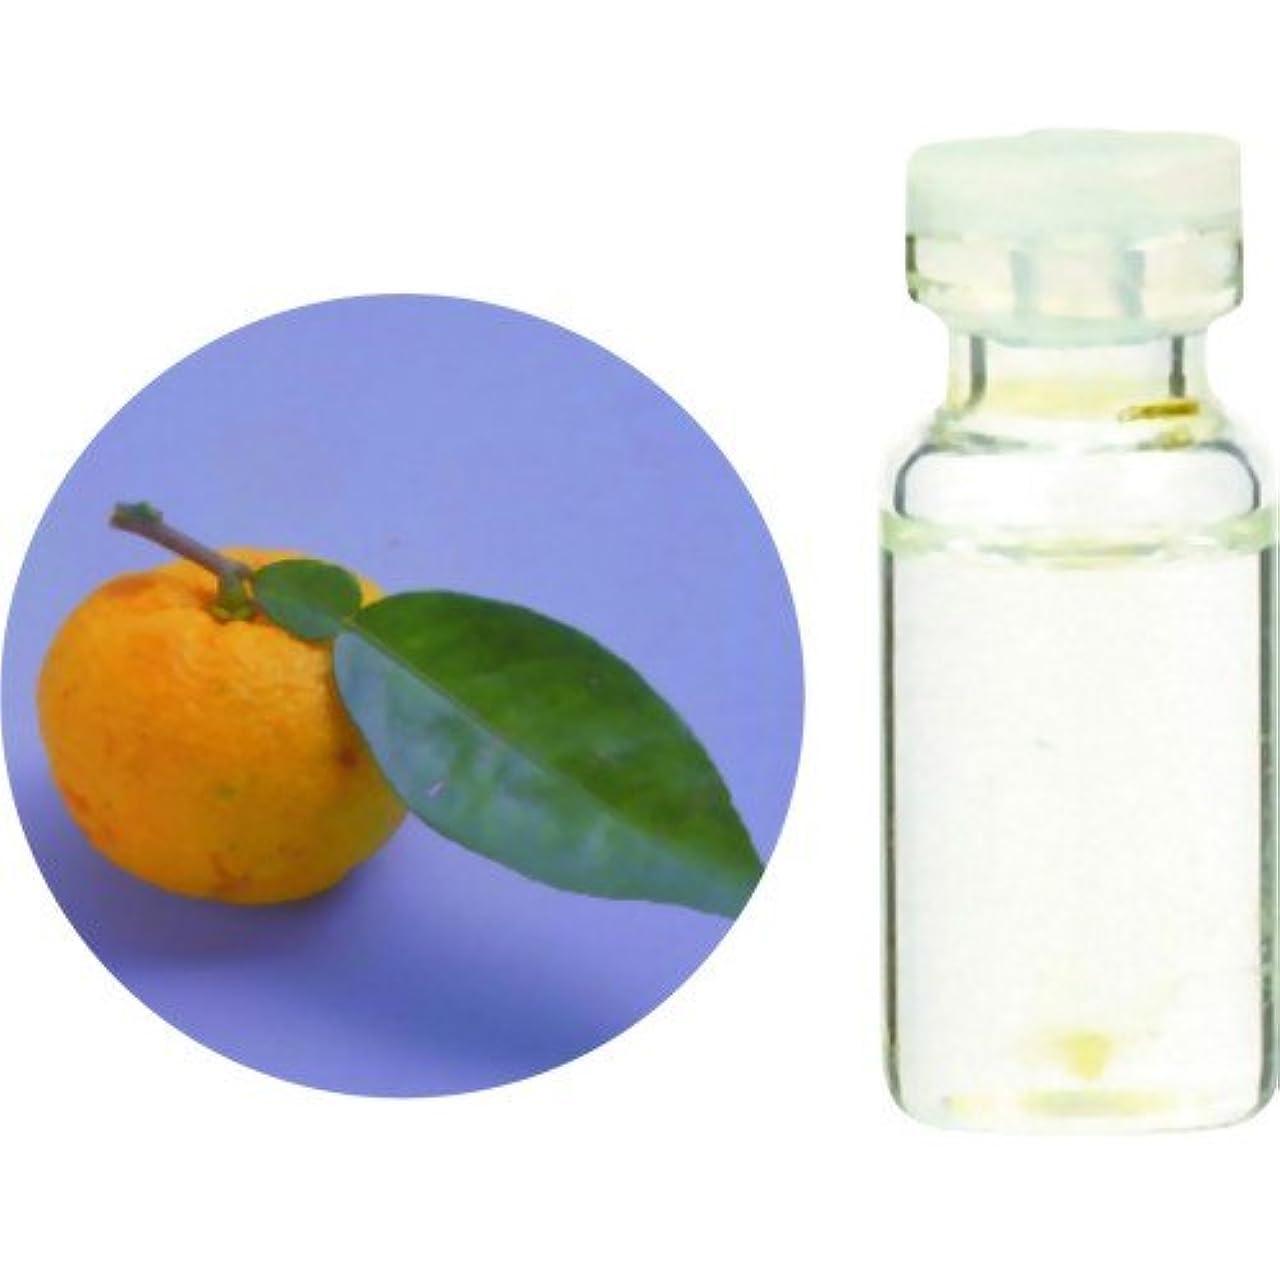 マート樹皮想起生活の木 Herbal Life 和精油 柚子(ゆず)(水蒸気蒸留法) 3ml